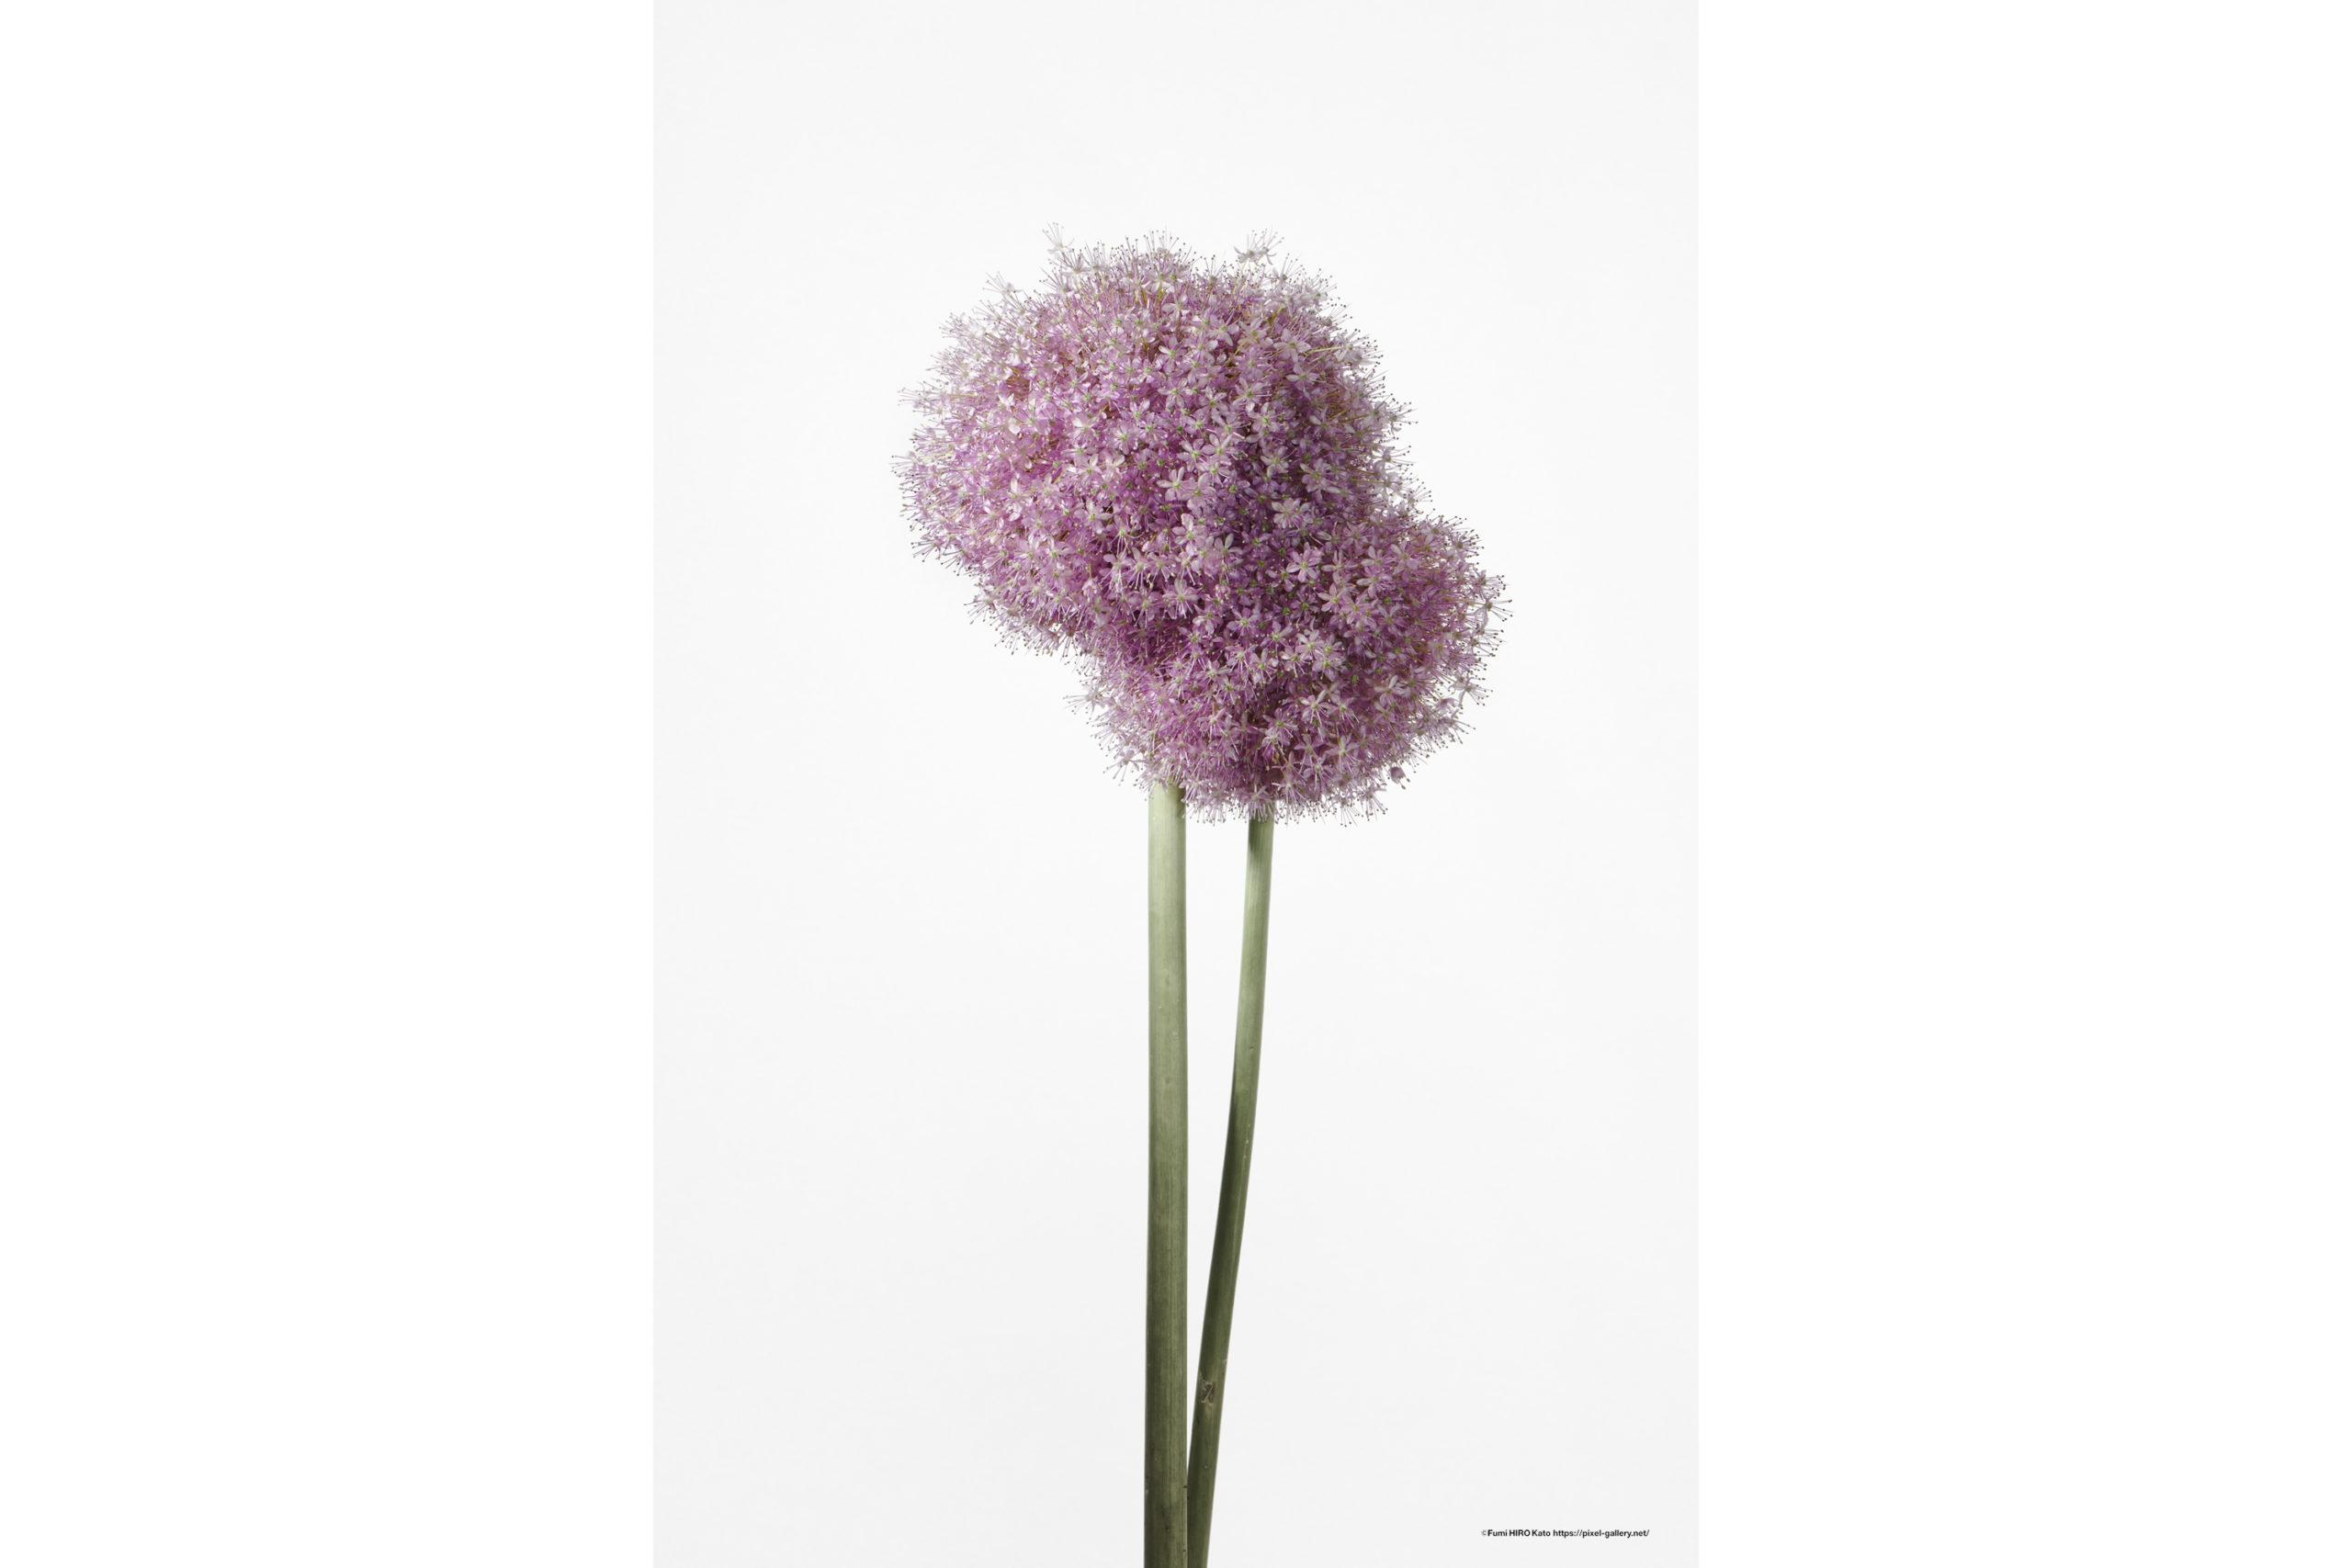 ハナ 2020-023 Allium #1